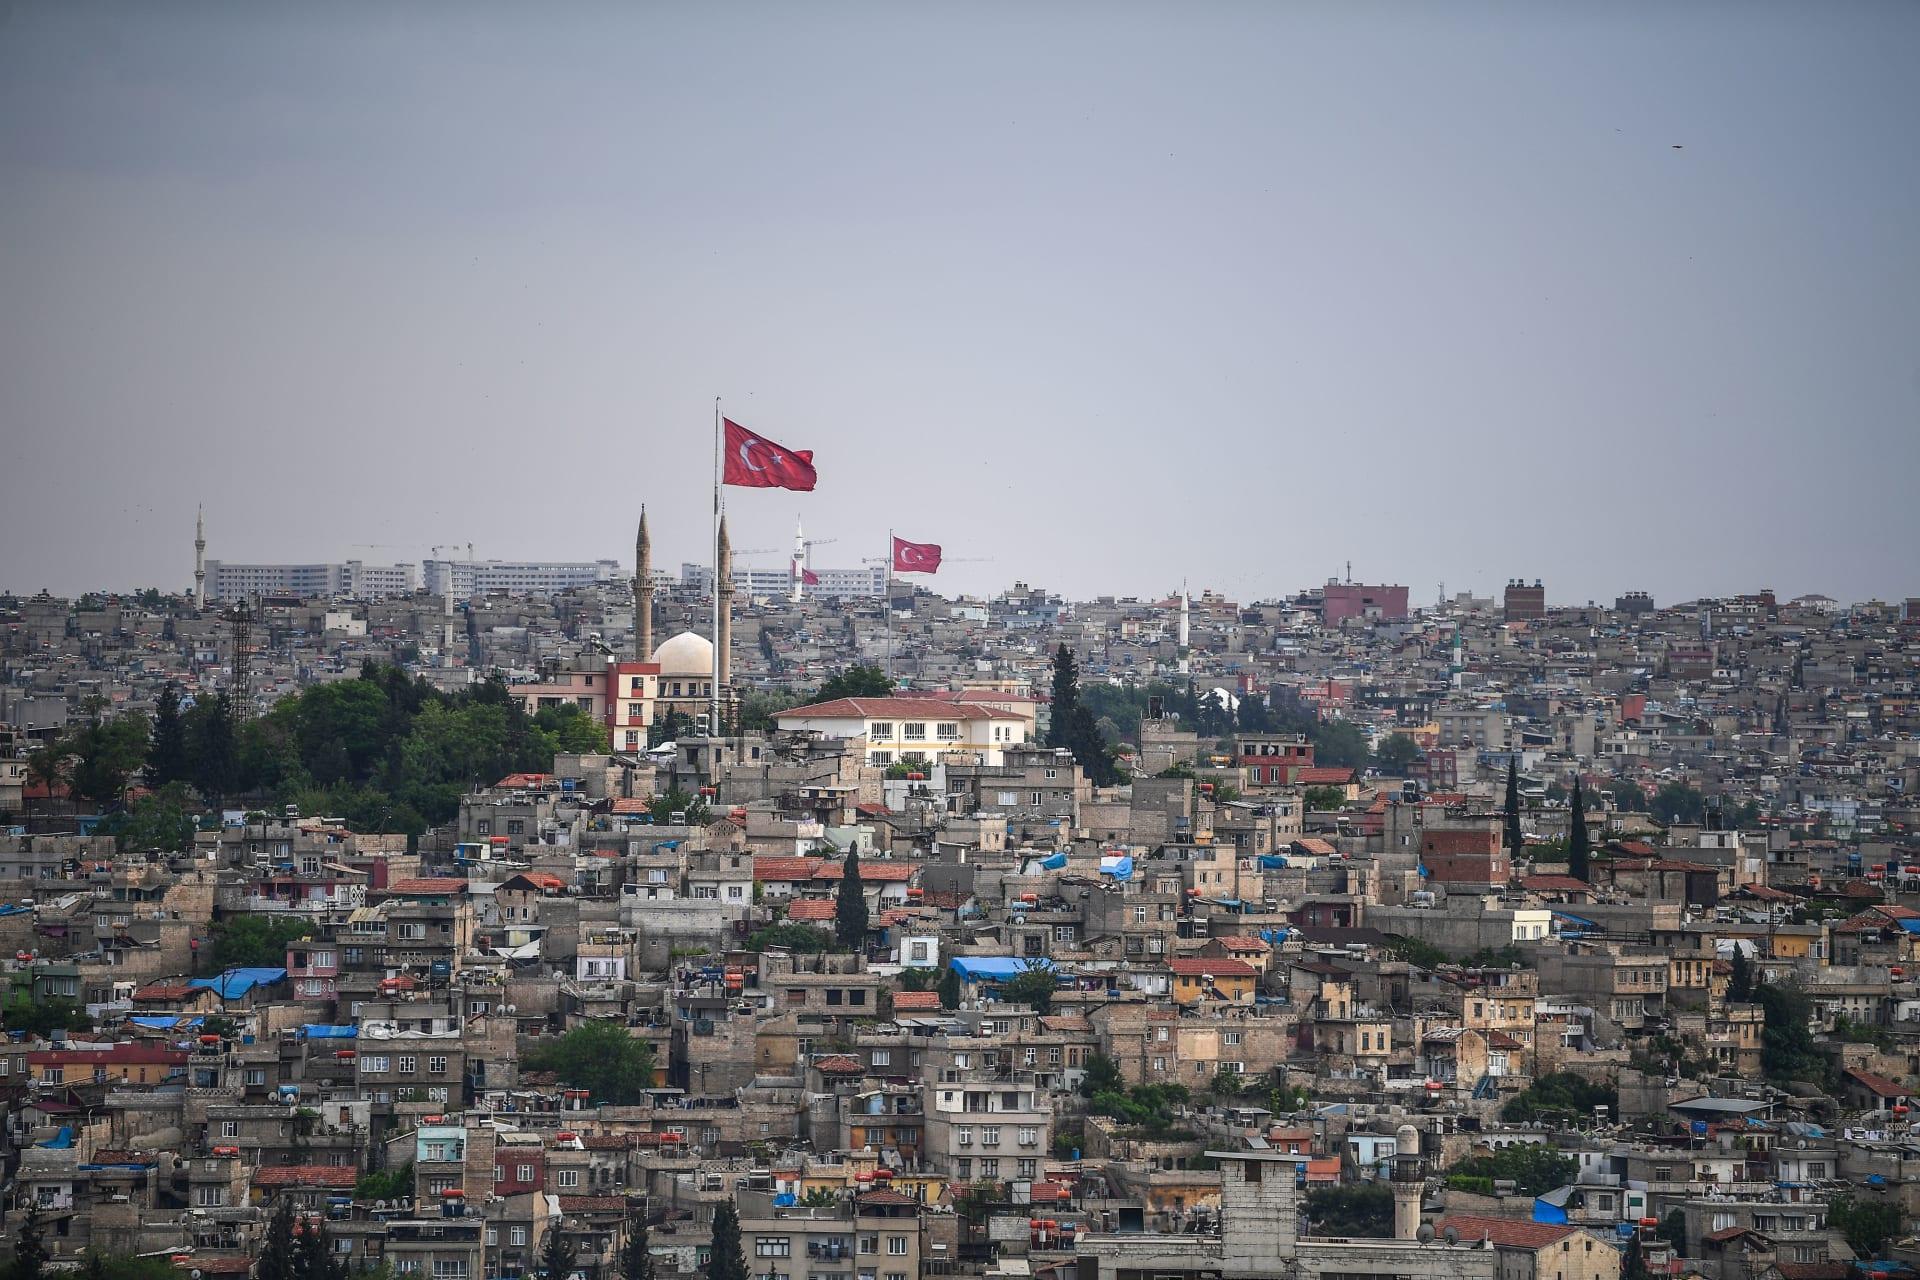 صورة أرشيفية عامة من غازي عنتاب بتركيا